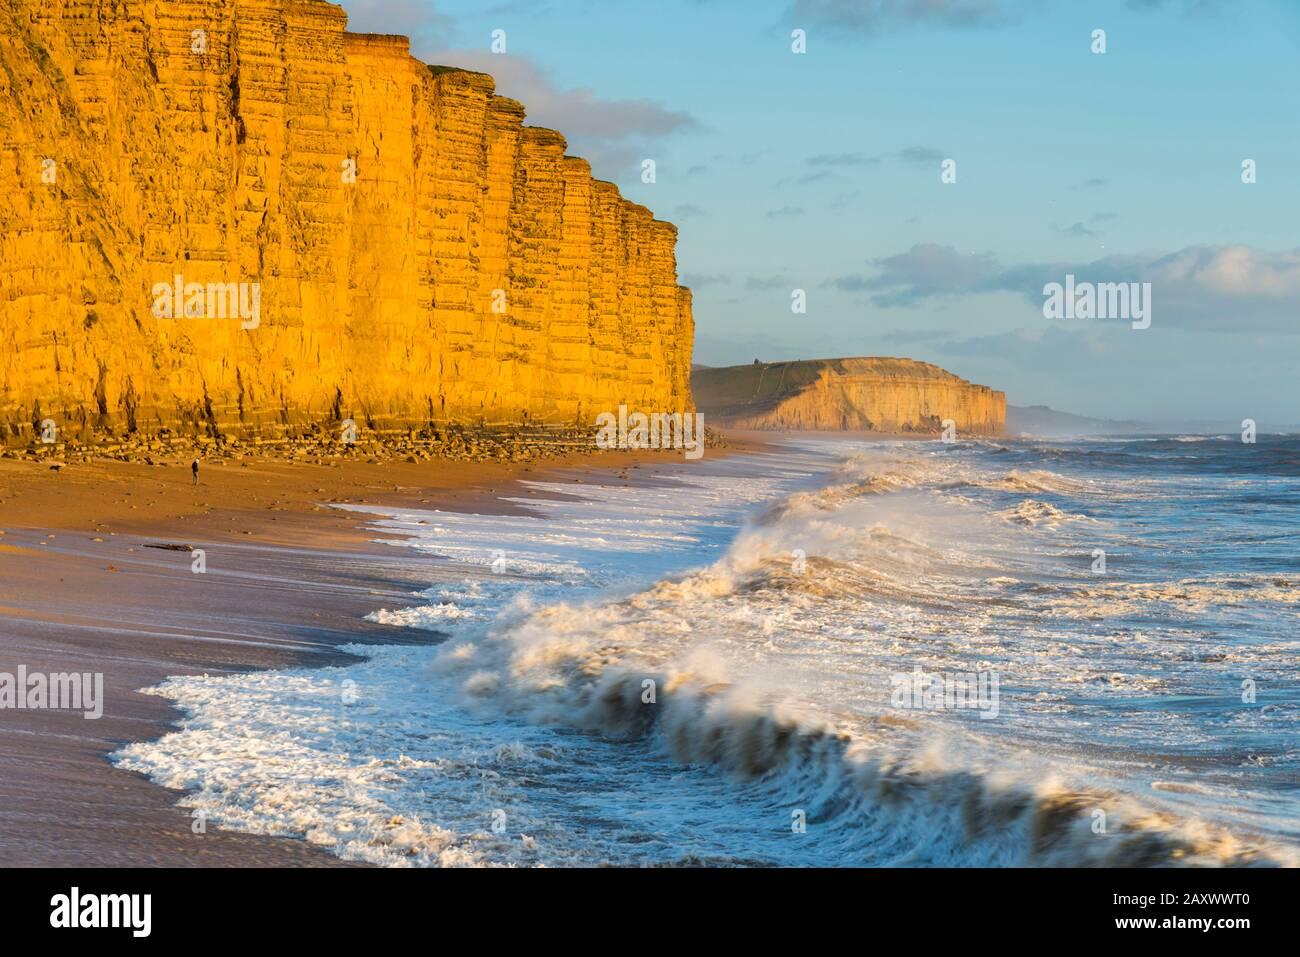 West Bay, Dorset, Reino Unido. 13 de febrero de 2020. Clima en el Reino Unido. Los mares accidentados rompen en tierra en East Beach, en West Bay, en Dorset, mientras los acantilados de arenisca brillan en una naranja dorada en una tarde soleada poco antes de la puesta de sol. Crédito De La Imagen: Graham Hunt/Alamy Live News Foto de stock